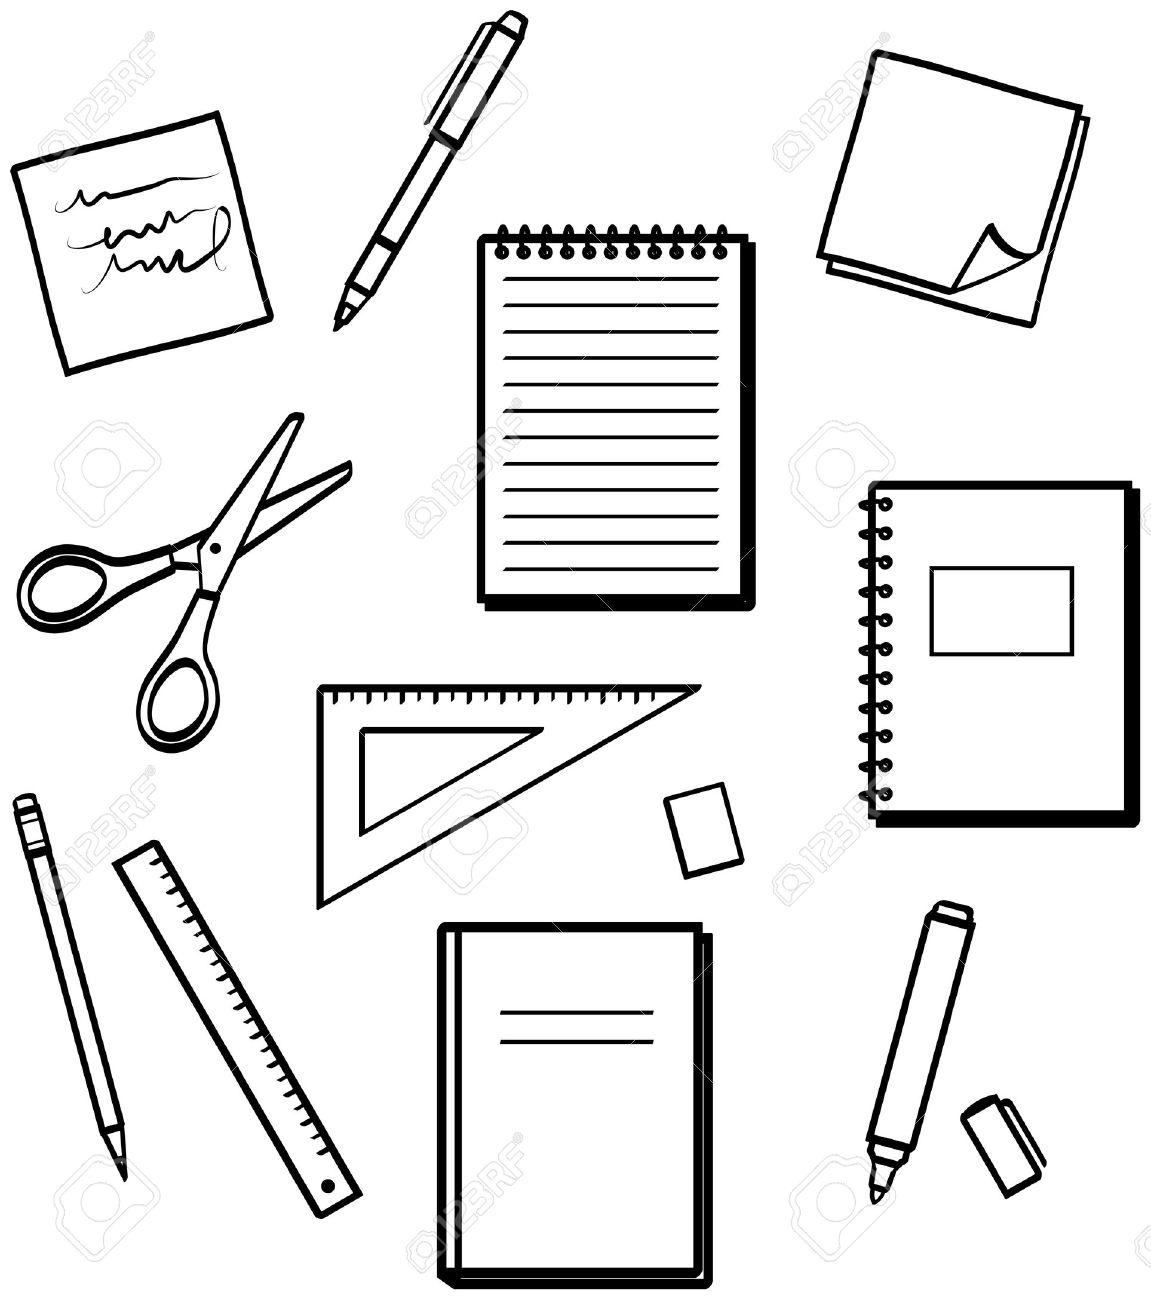 Office School Supplies Clipart 5 Gclipart